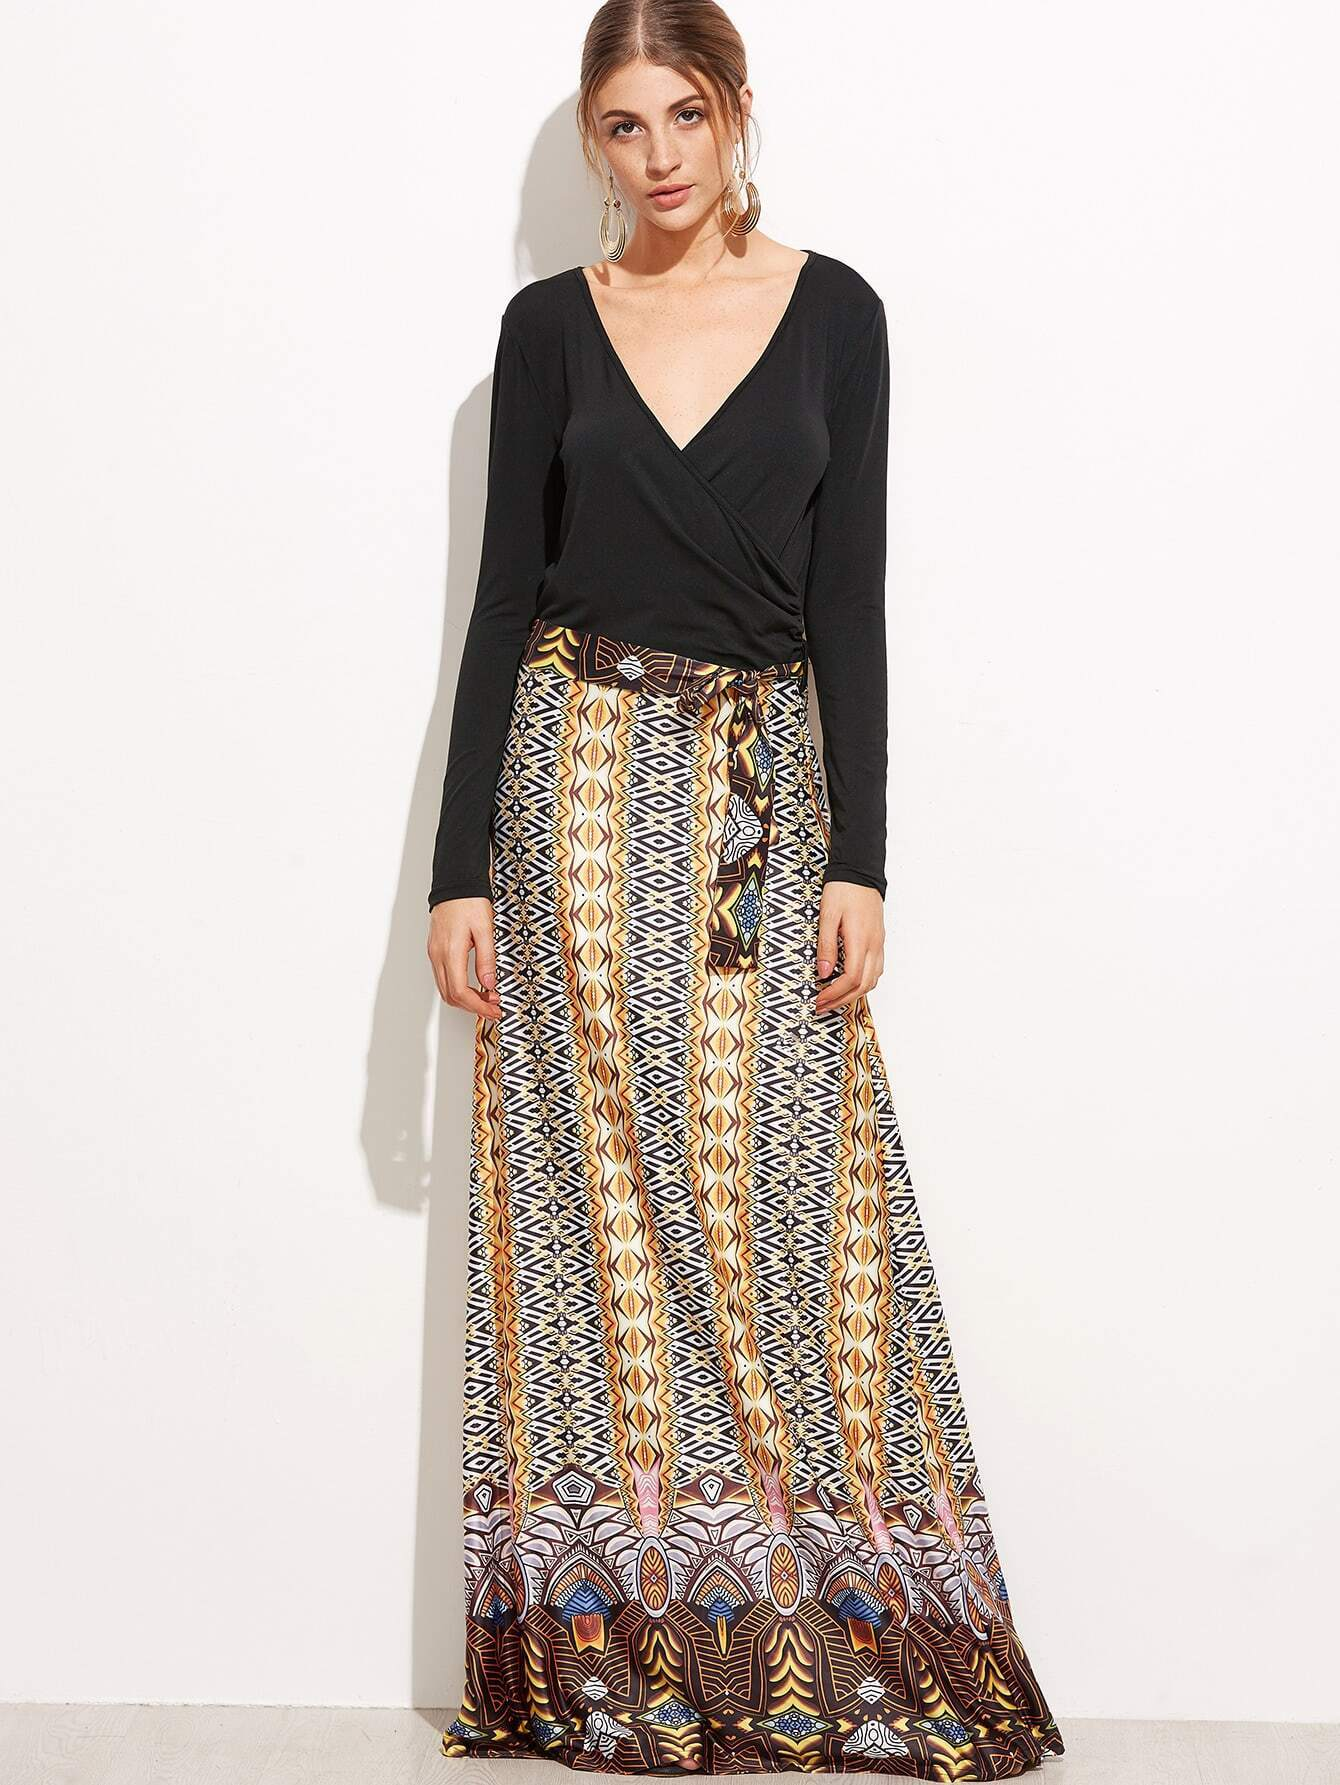 dress161005305_2